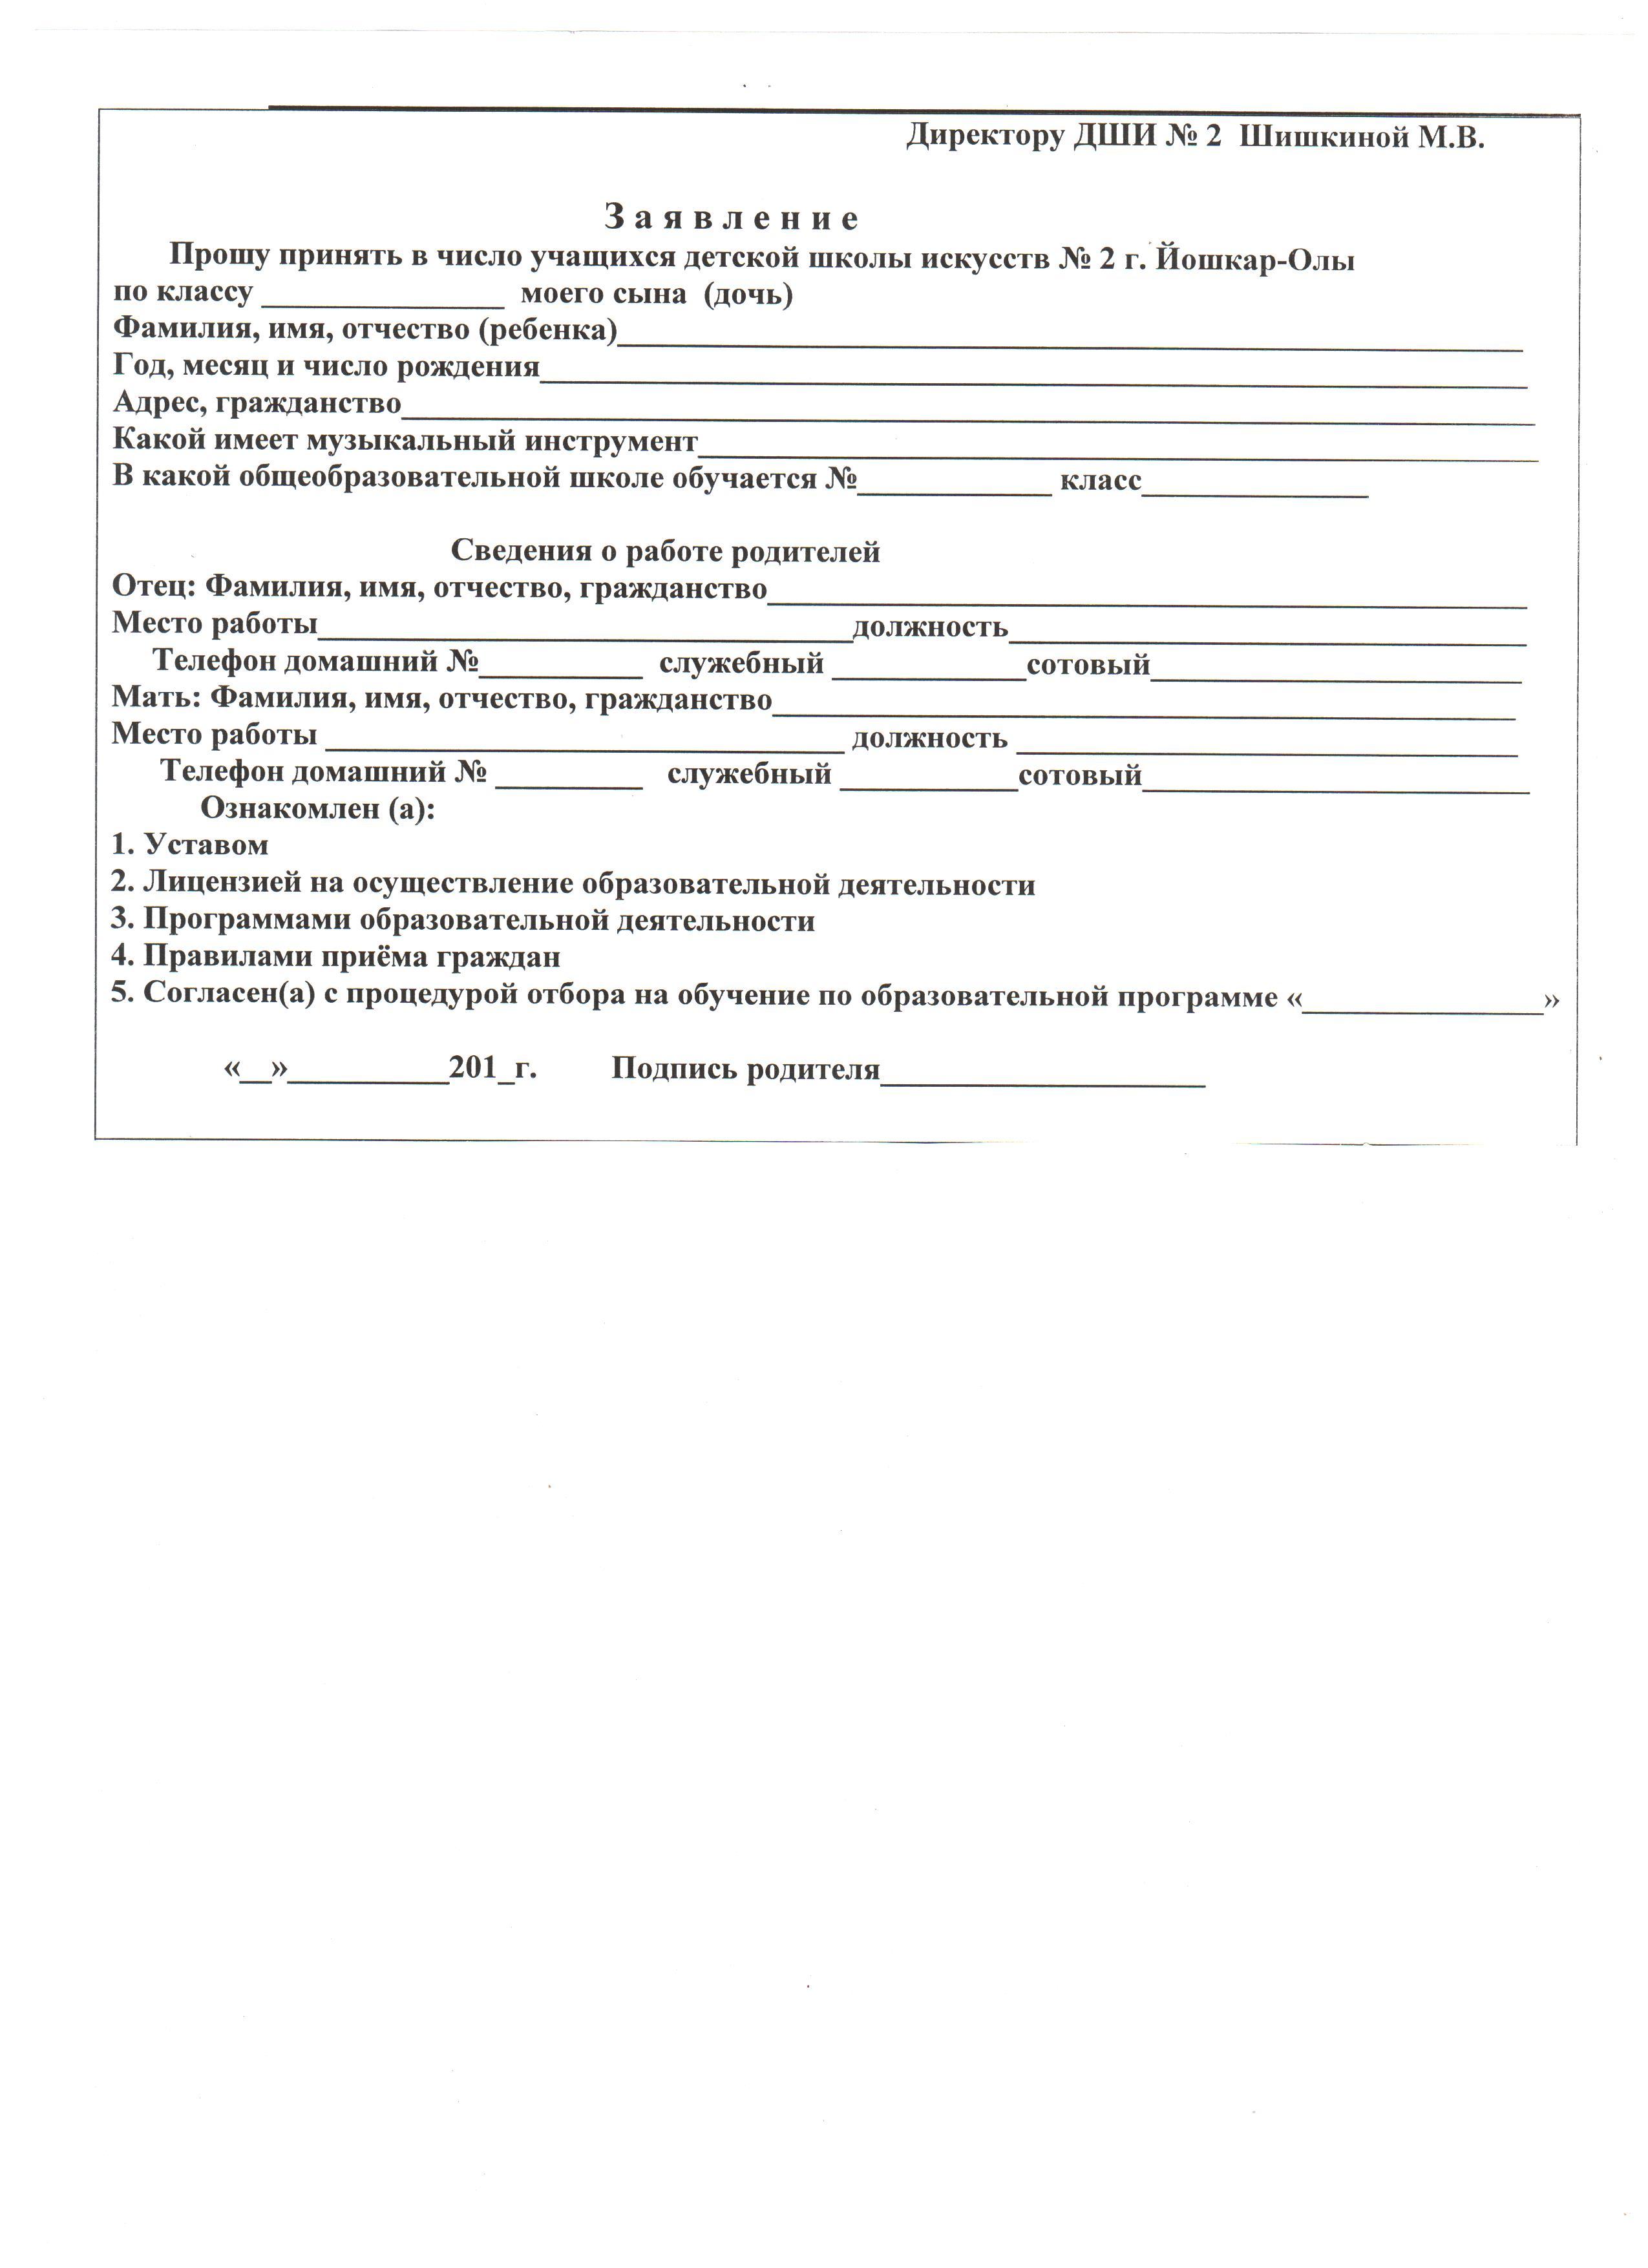 Заявление для школы - 1b